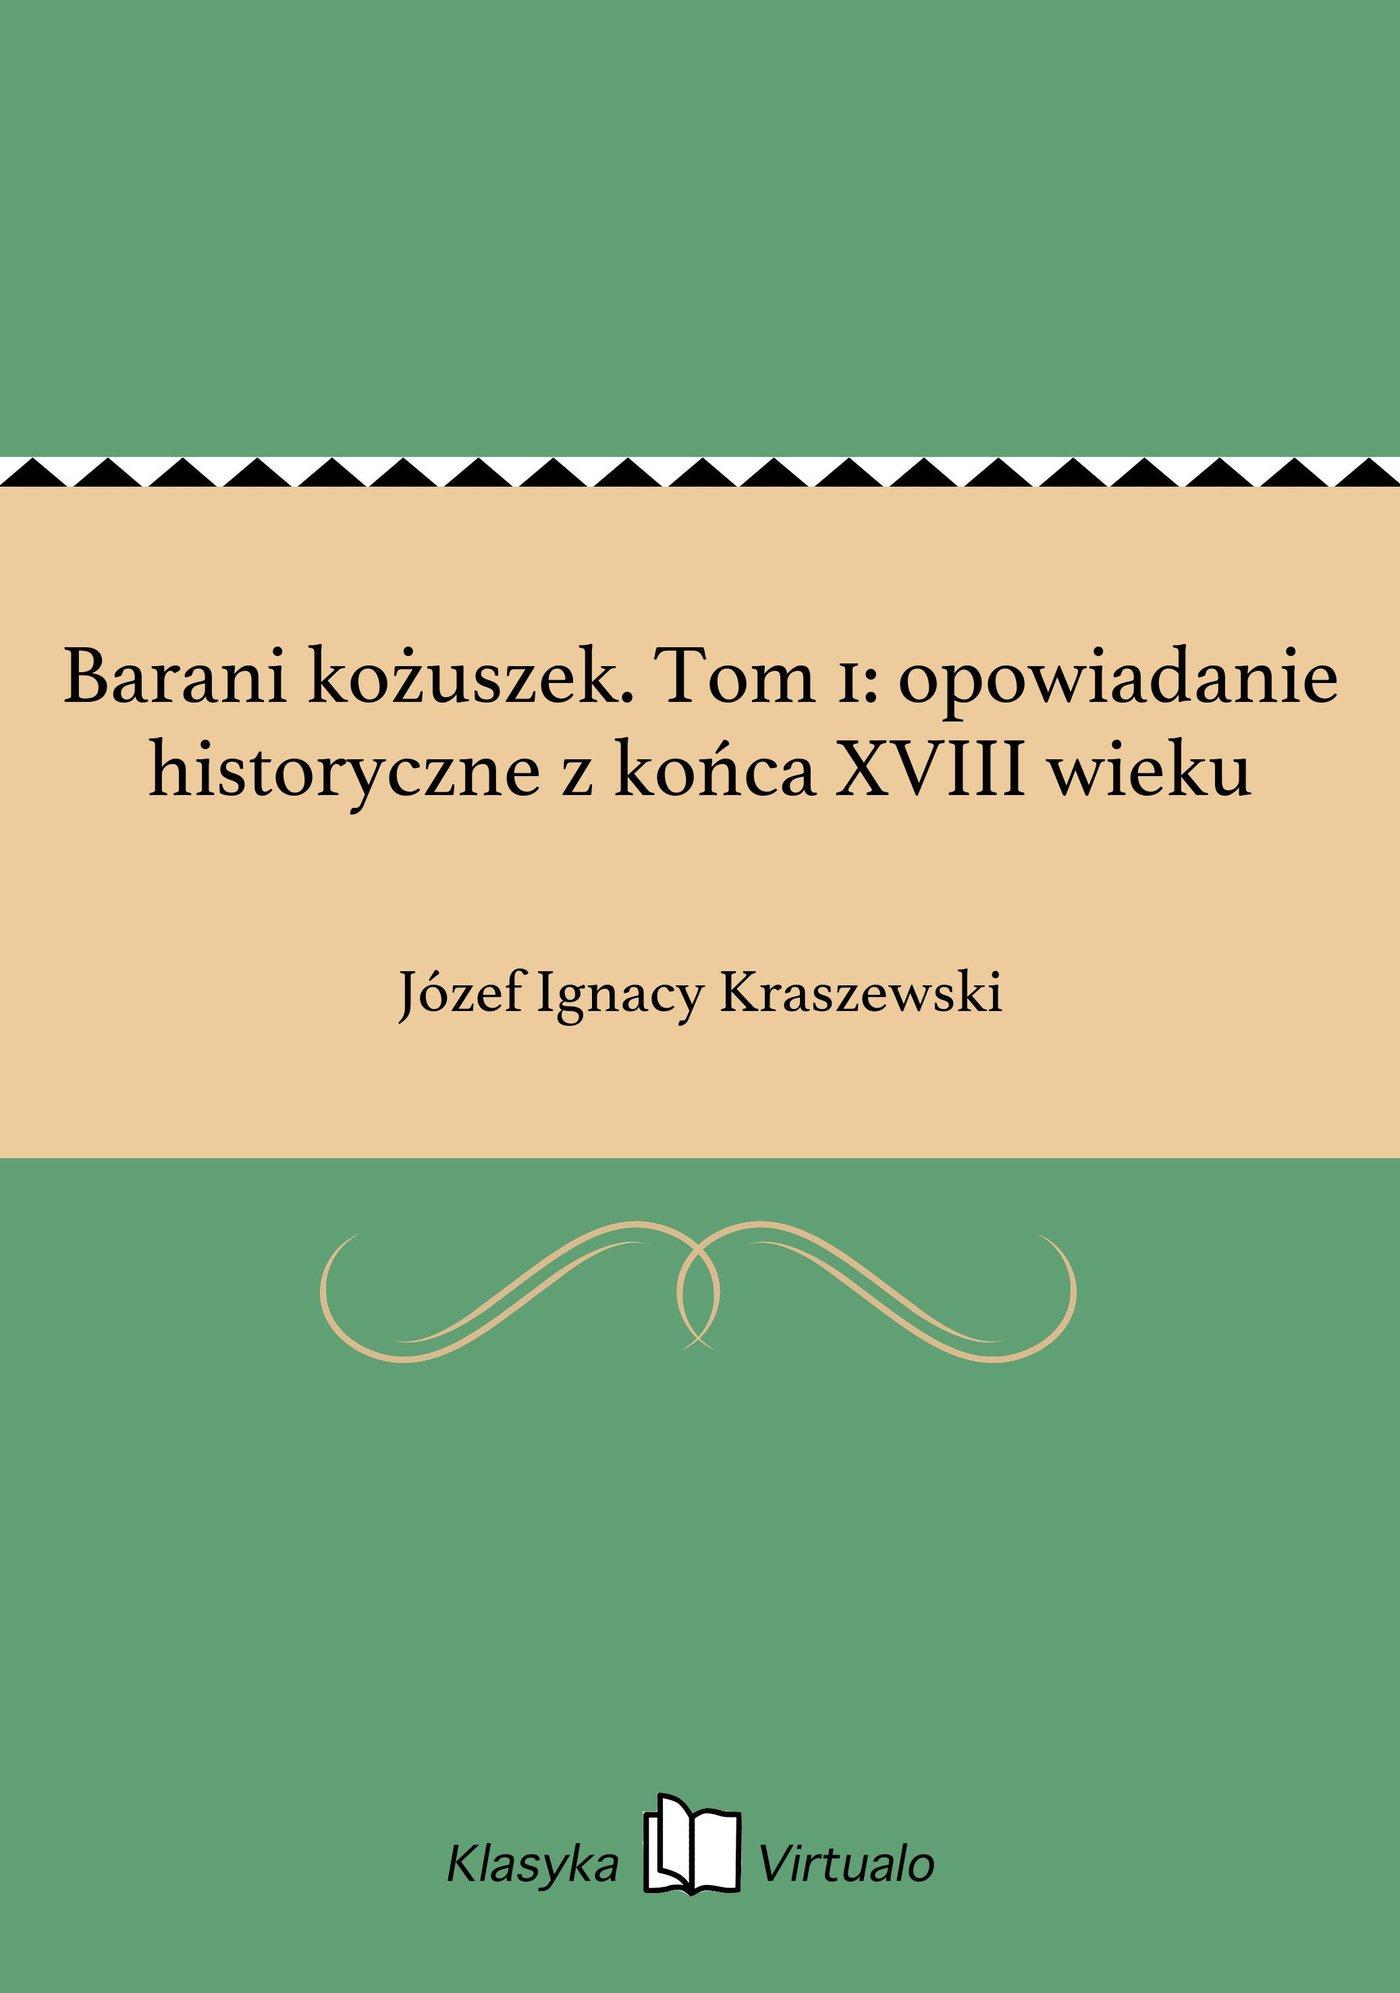 Barani kożuszek. Tom 1: opowiadanie historyczne z końca XVIII wieku - Ebook (Książka EPUB) do pobrania w formacie EPUB